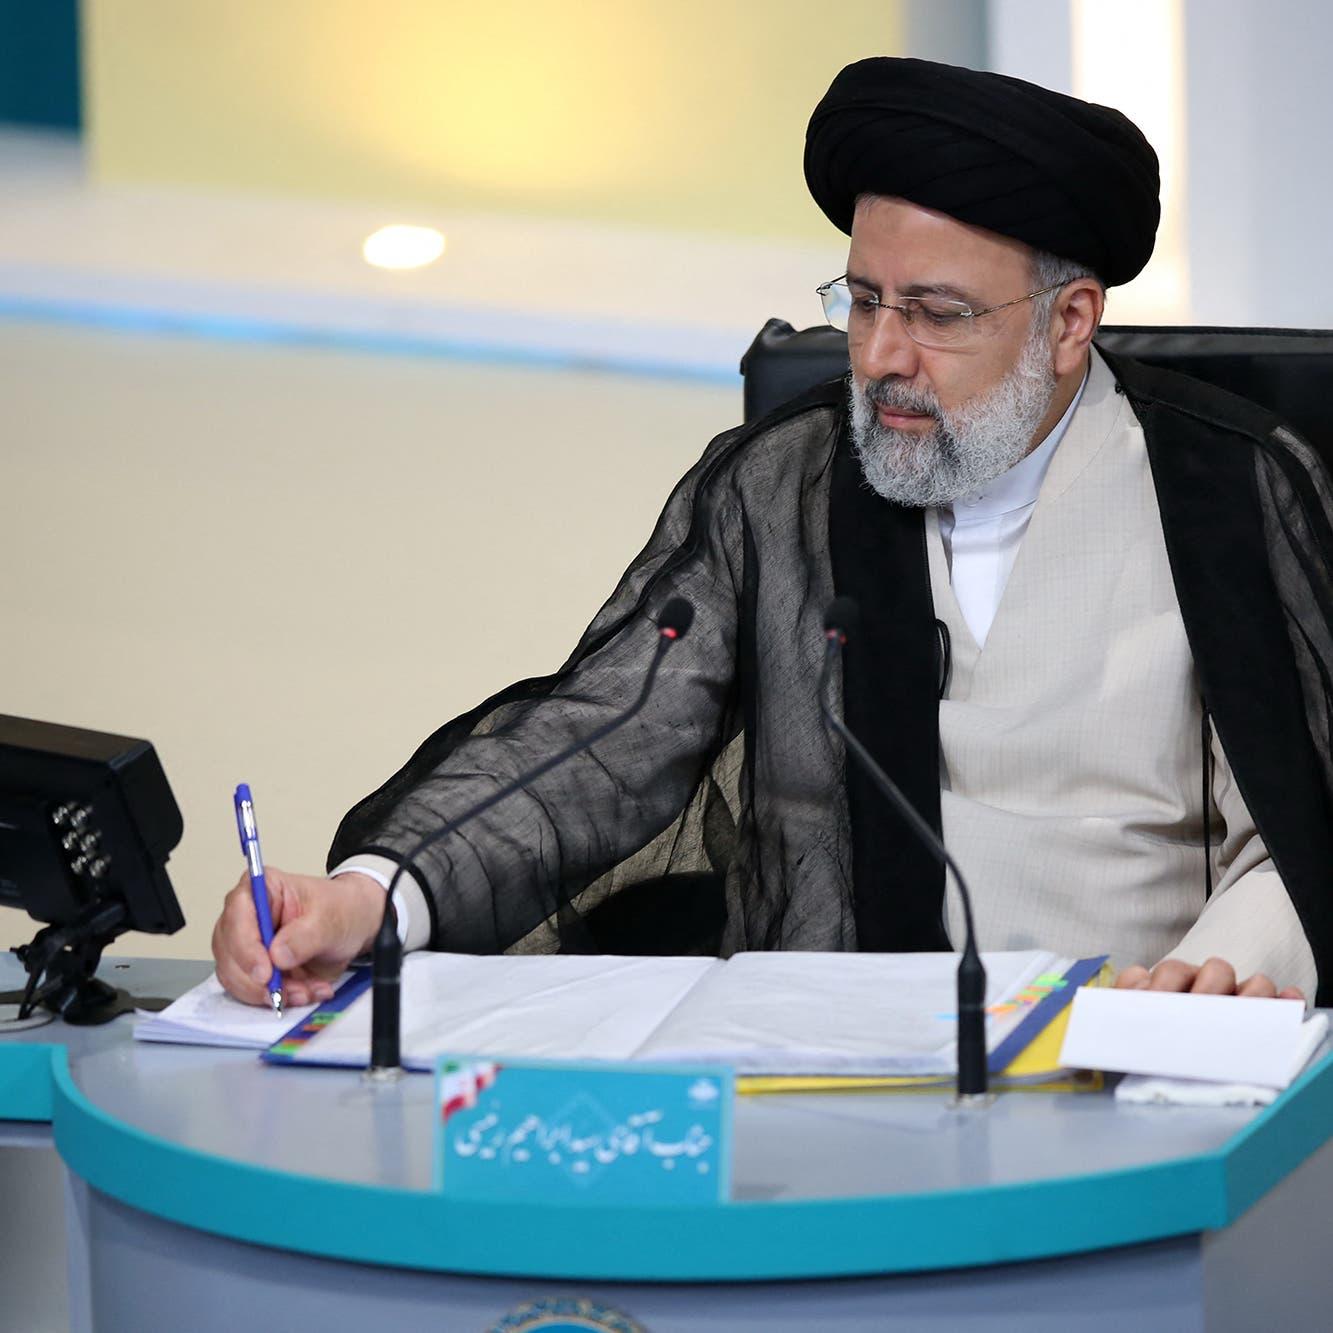 معهد أميركي يحذر من رفع العقوبات عن رئيسي بسبب جرائمه بإيران